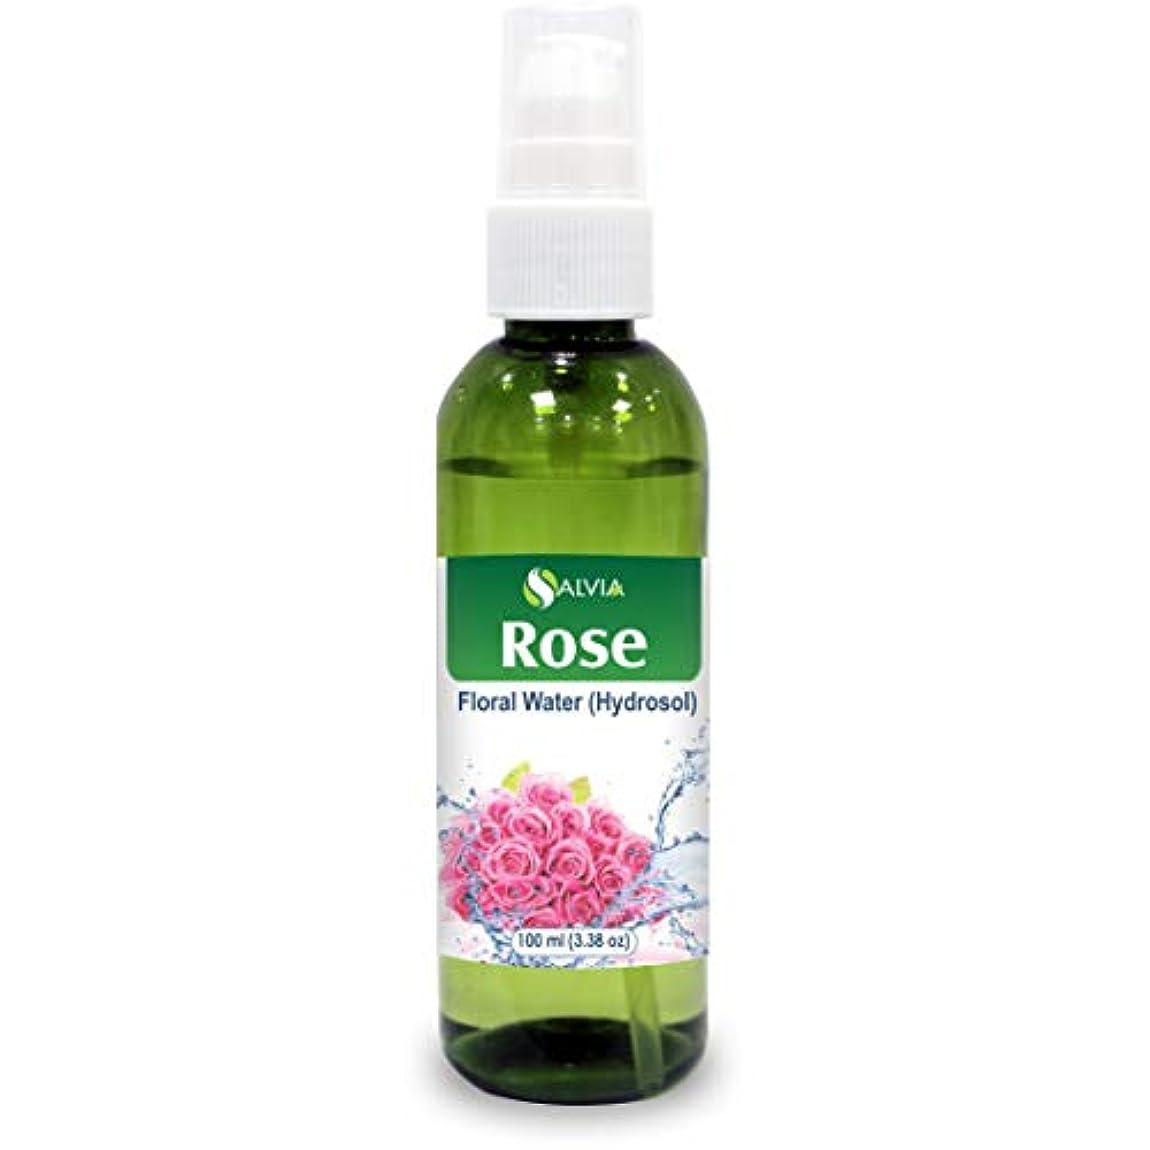 オーガニックつかの間カンガルーRose Floral Water 100ml (Hydrosol) 100% Pure And Natural